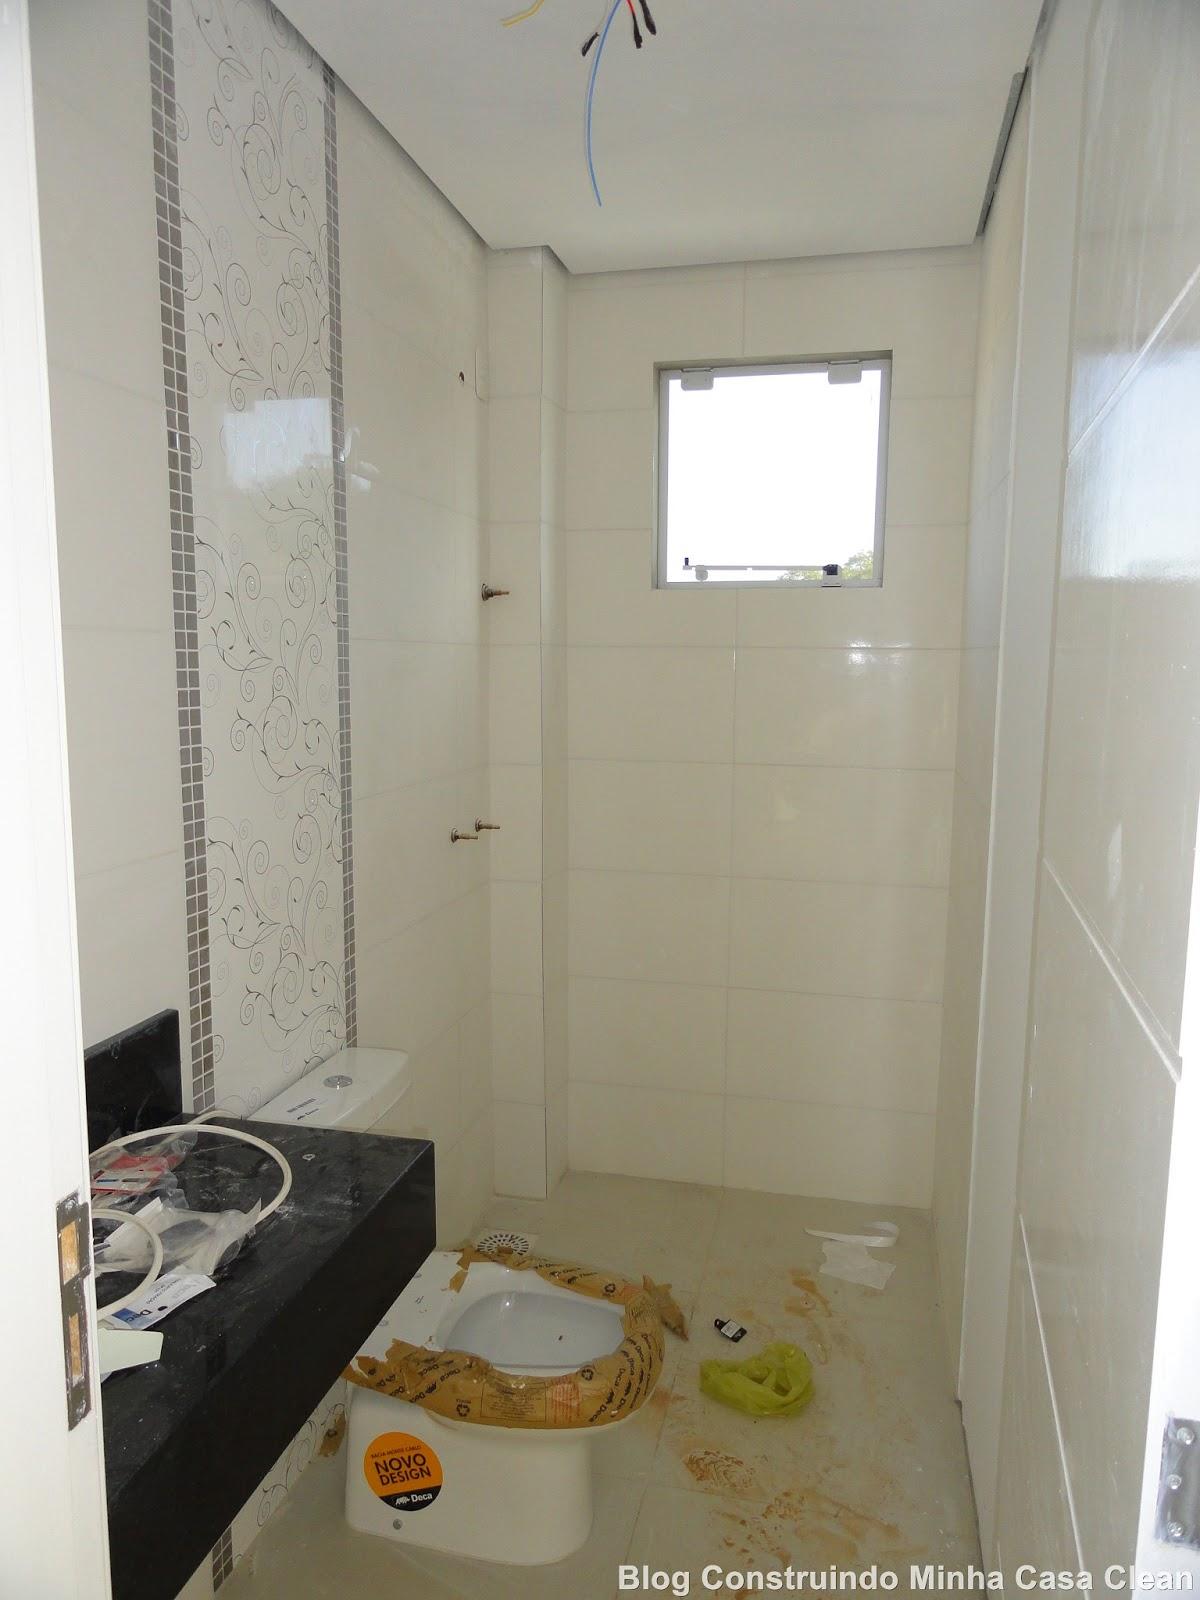 242528 teto de gesso no banheiro #6A491F 1200x1600 Banheiro De Gesso